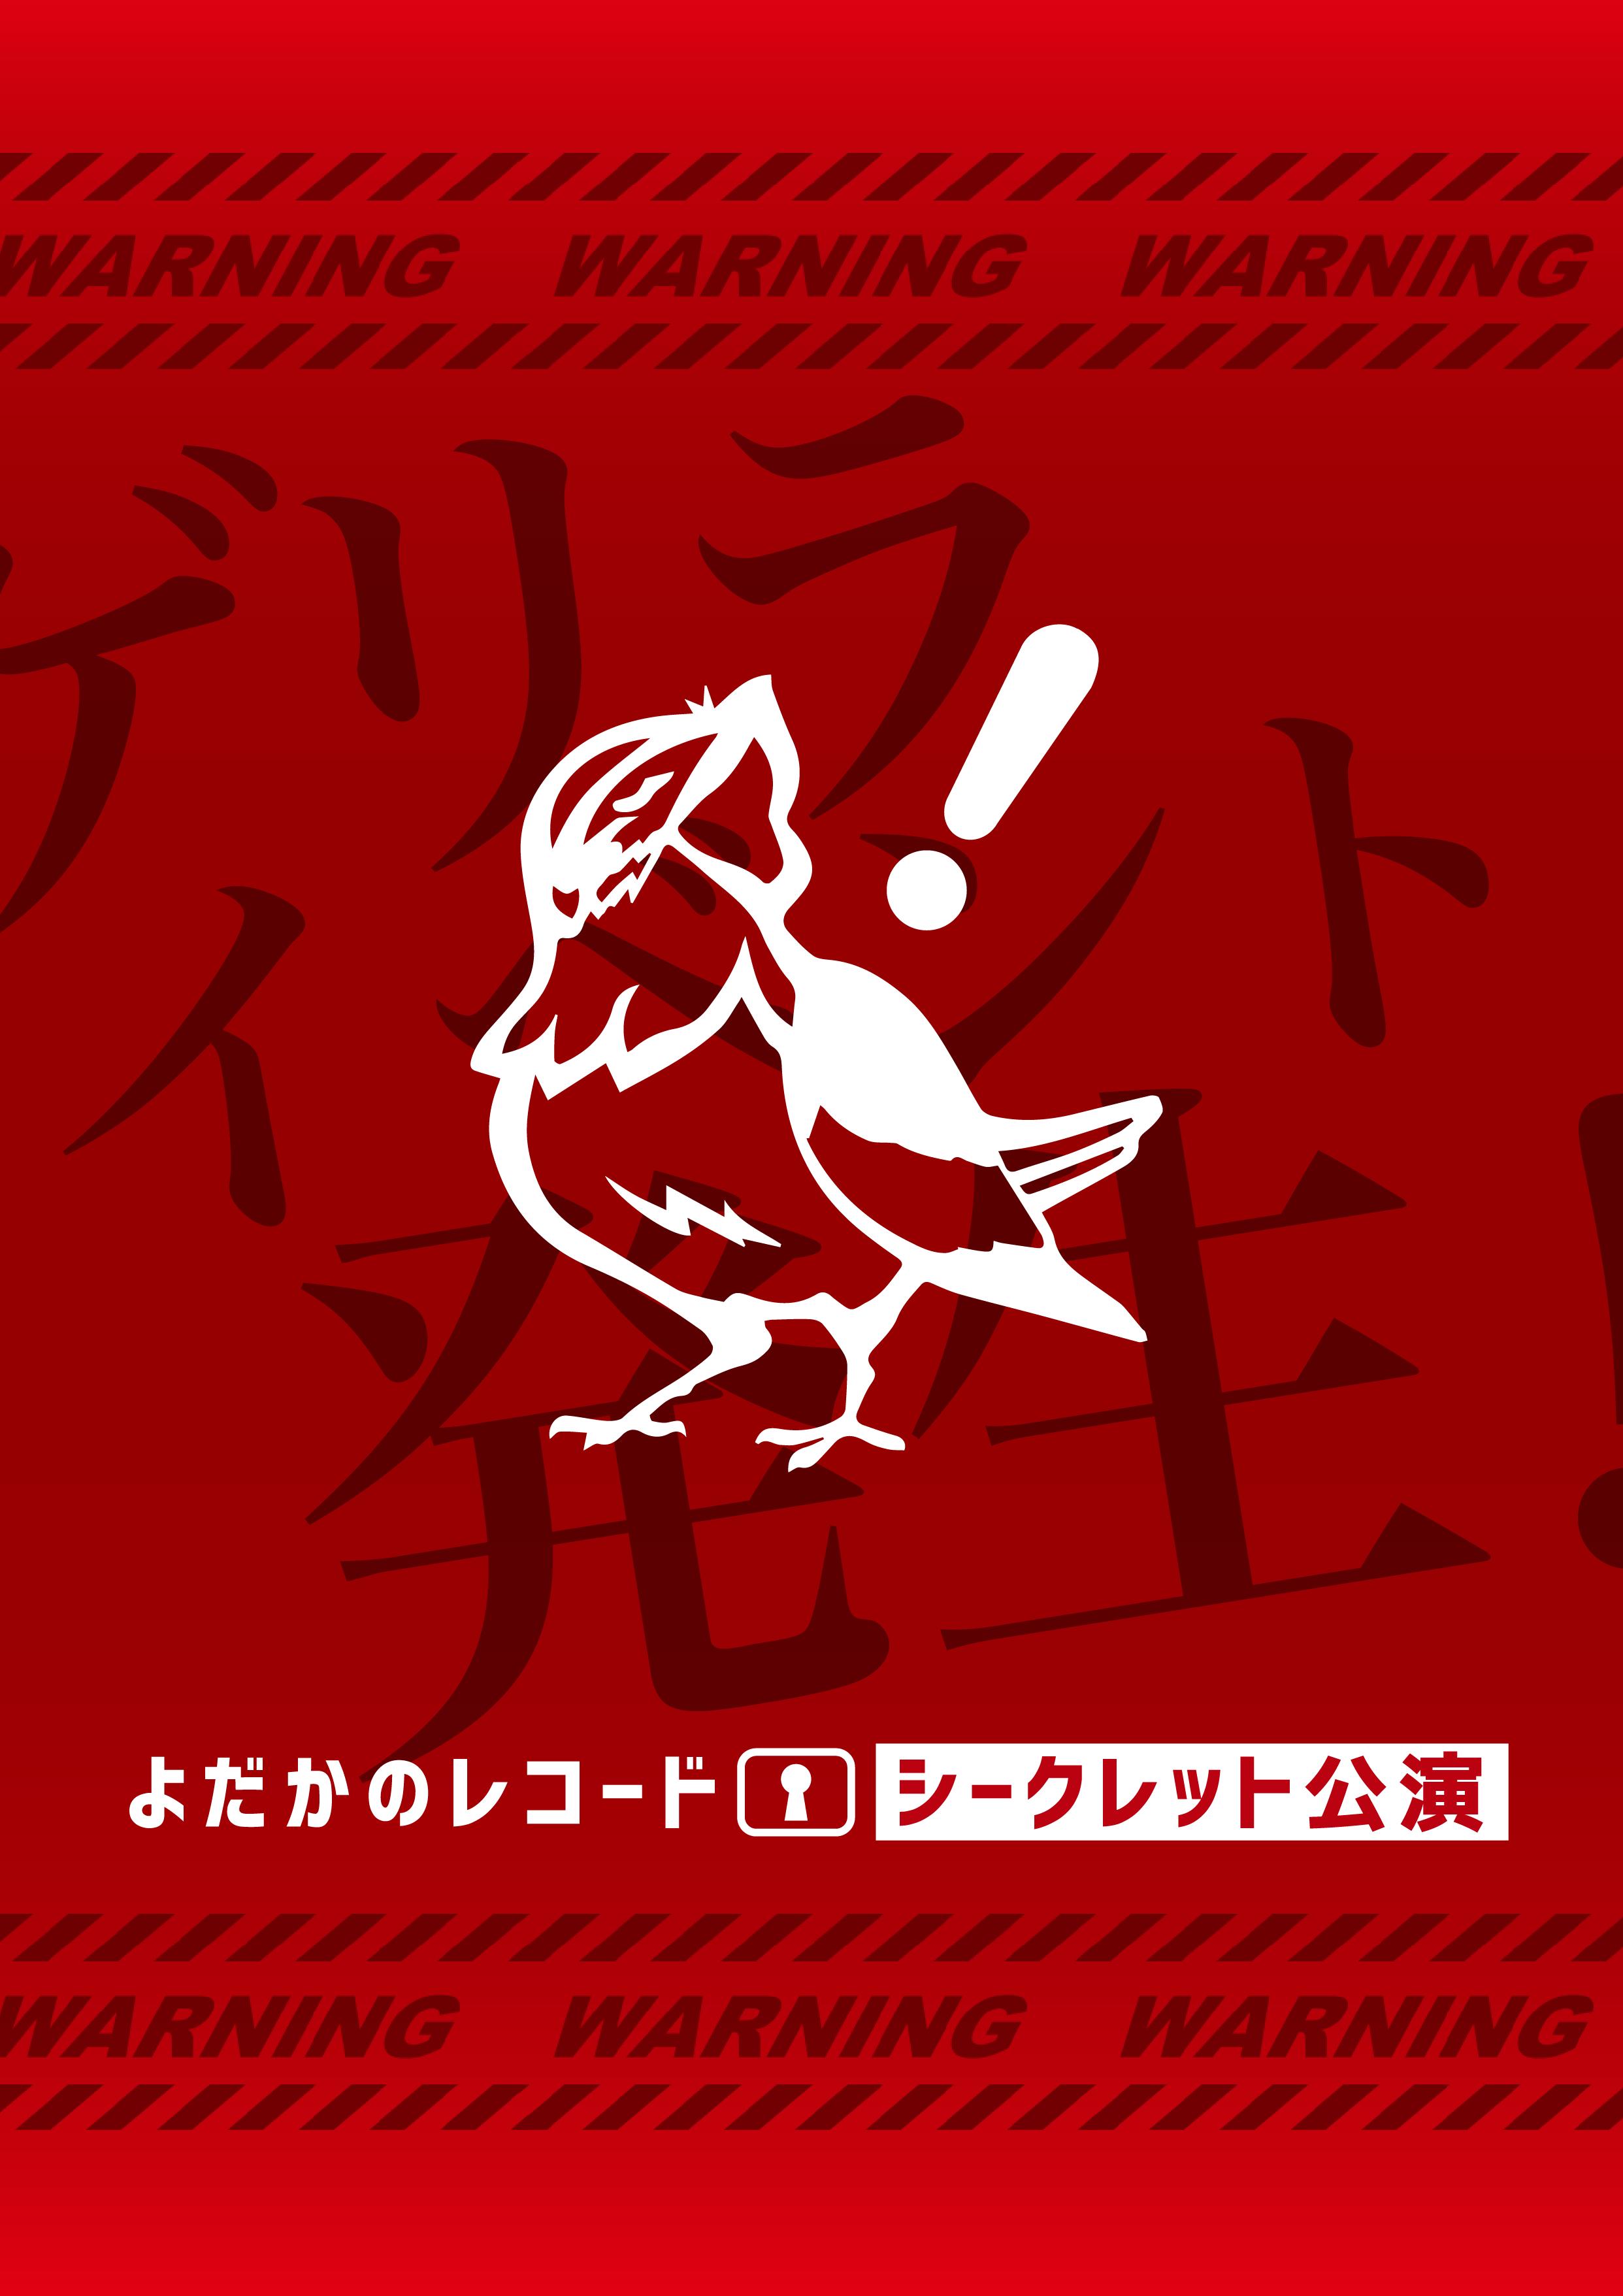 【追加日程】シークレット公演「???」